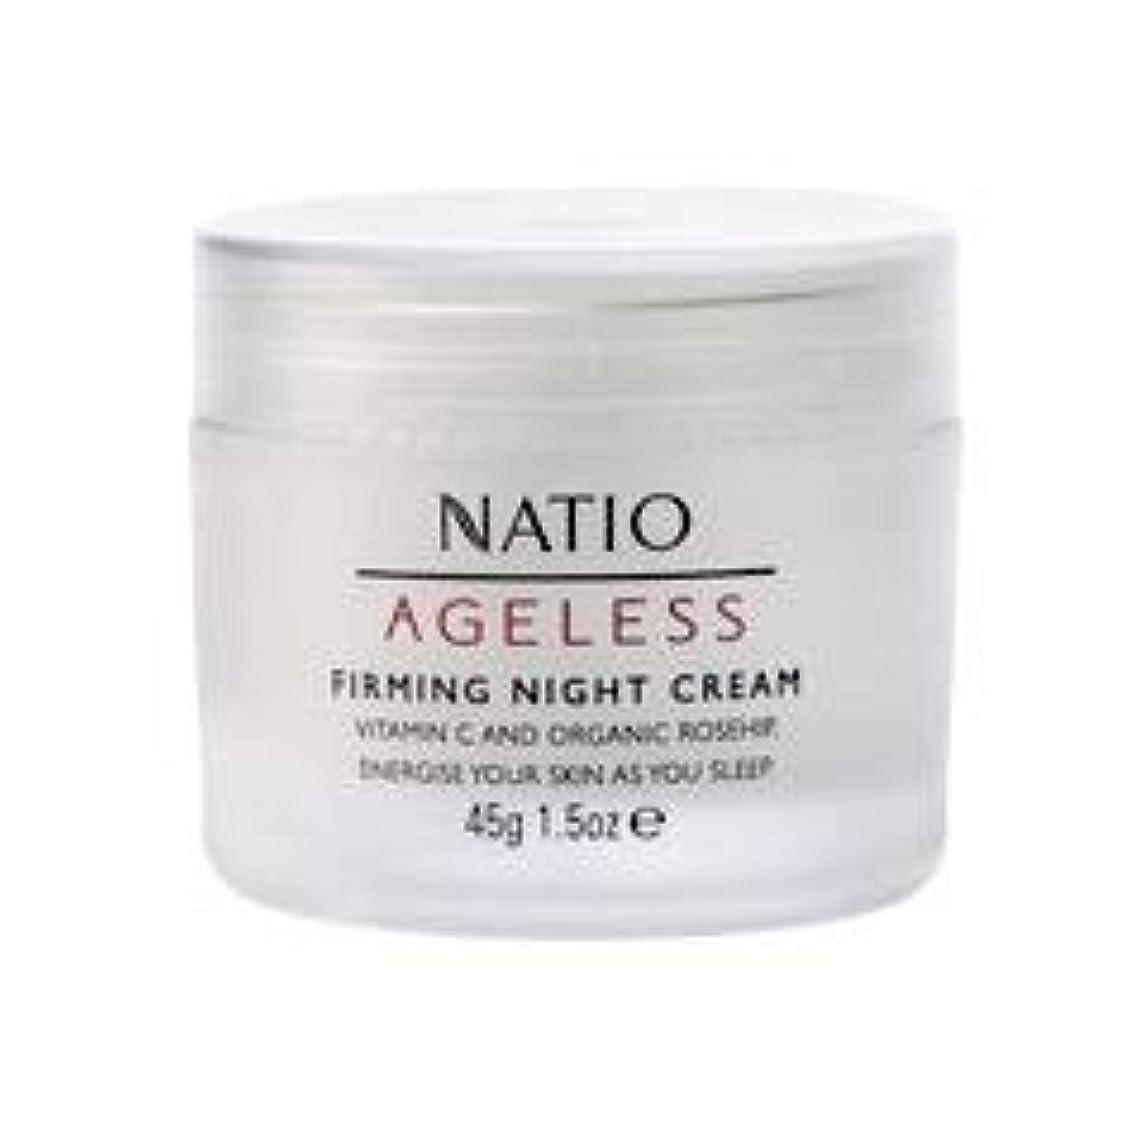 民主主義トランペット失礼【NATIO Ageless Firming Night Cream】 ナティオ ナイトクリーム [海外直送品]